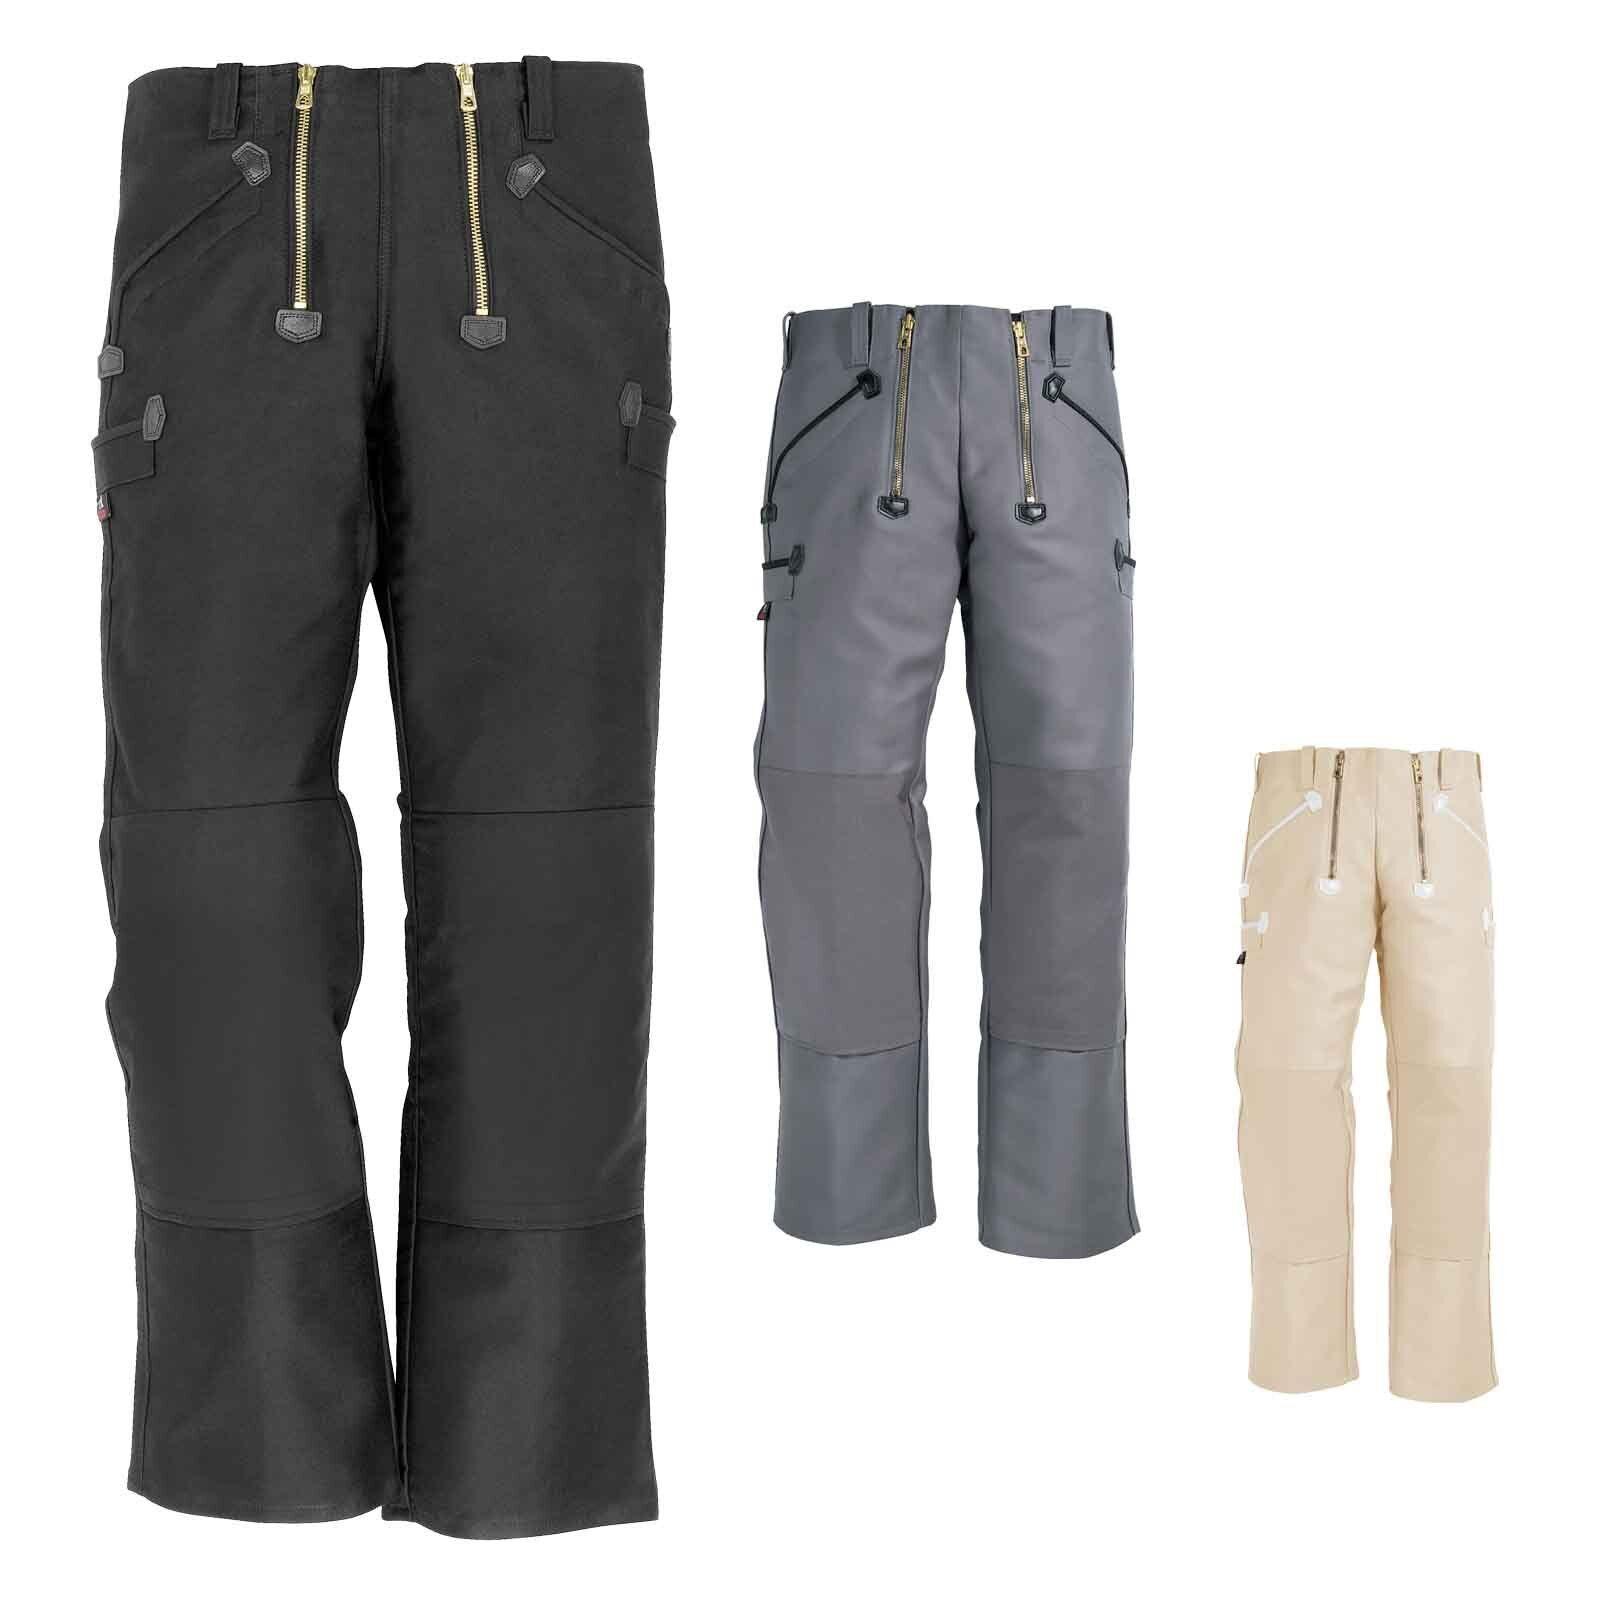 FORTIS Damenbundhose 24 darkgrey-lightgrey Gr 36 Airsoft Bekleidung & Schutzausrüstung